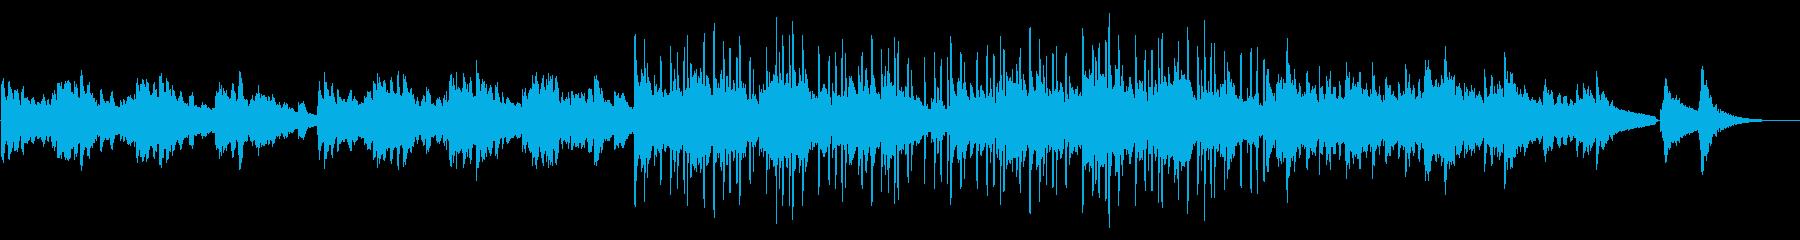 パステルカラー、春向けのBGMの再生済みの波形